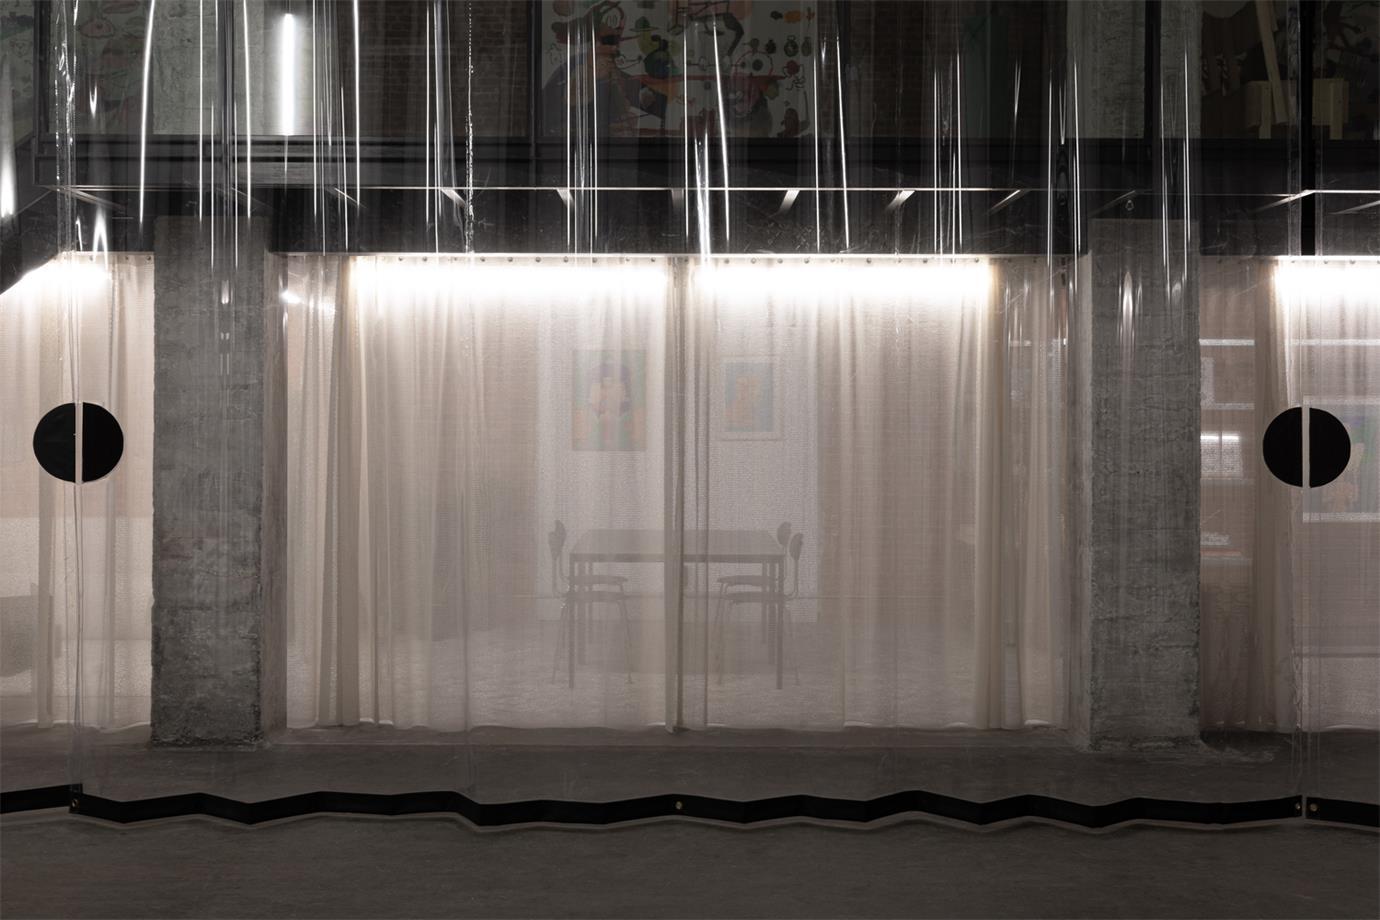 透过展厅透明拉帘望向内部的场景